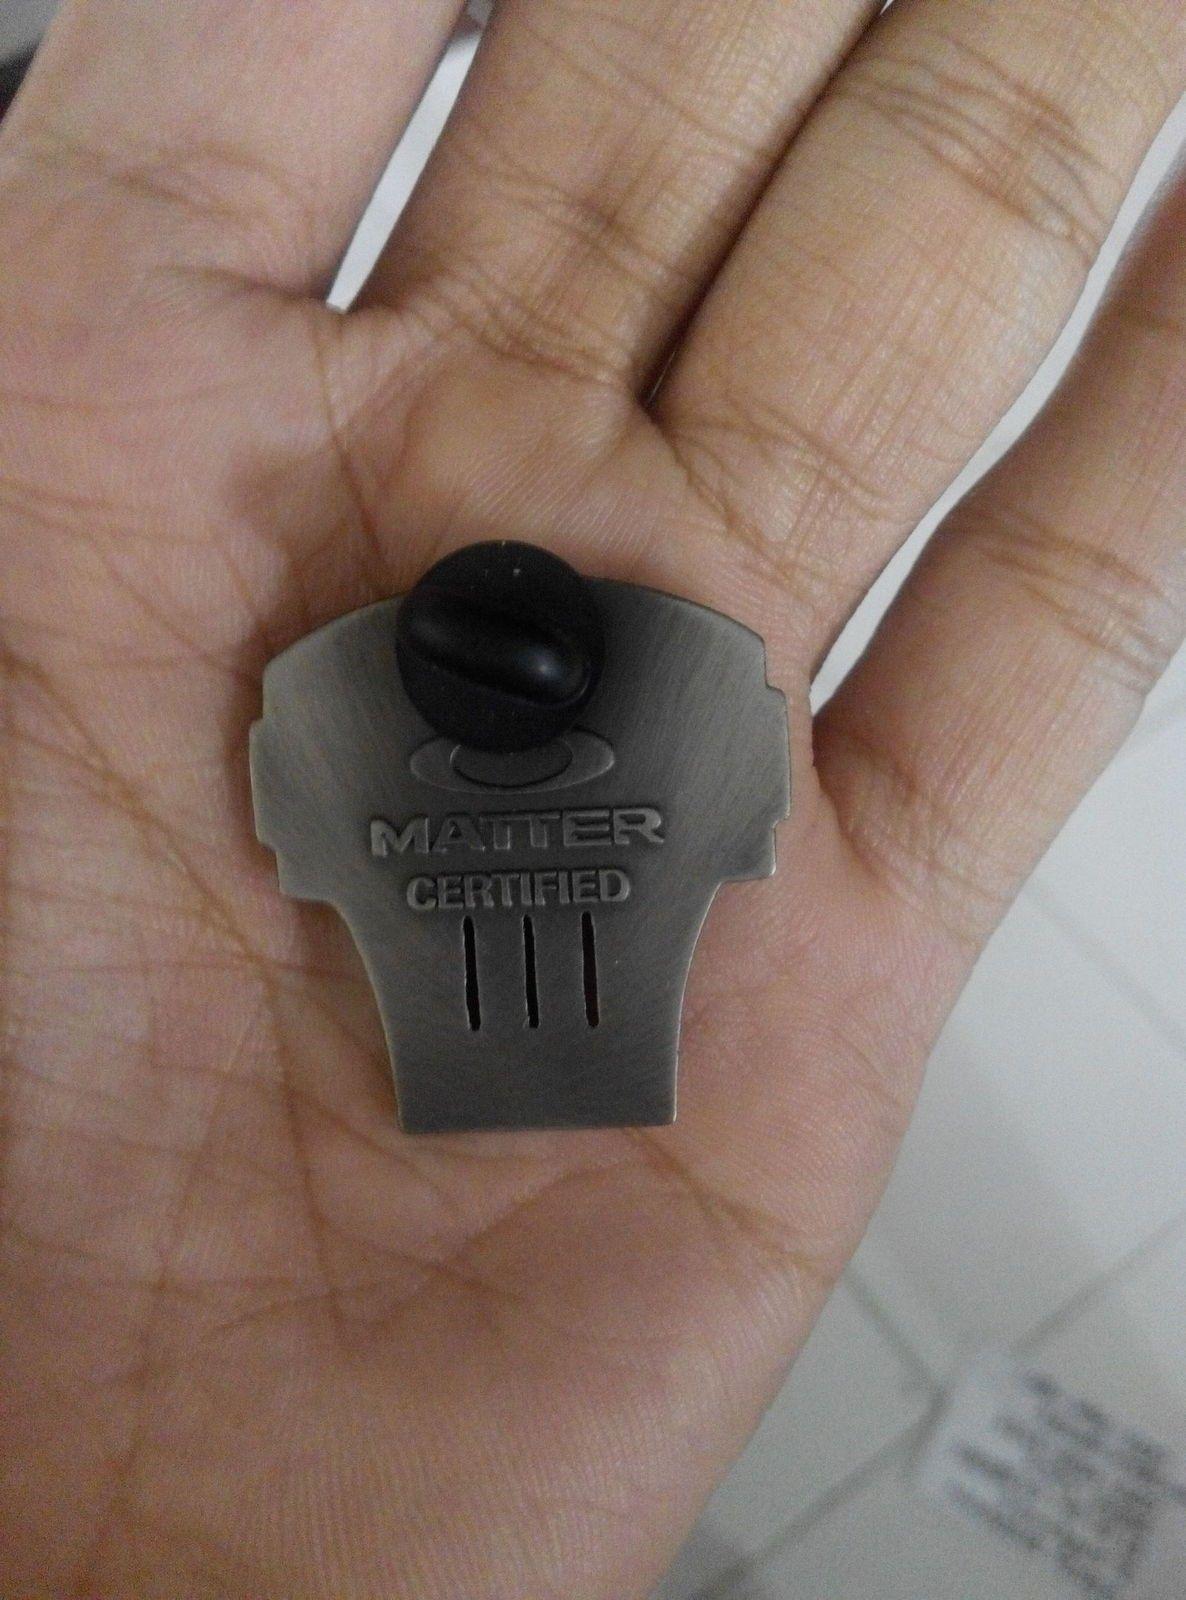 oakley expert pin. new - IMG_20151215_130656.jpg